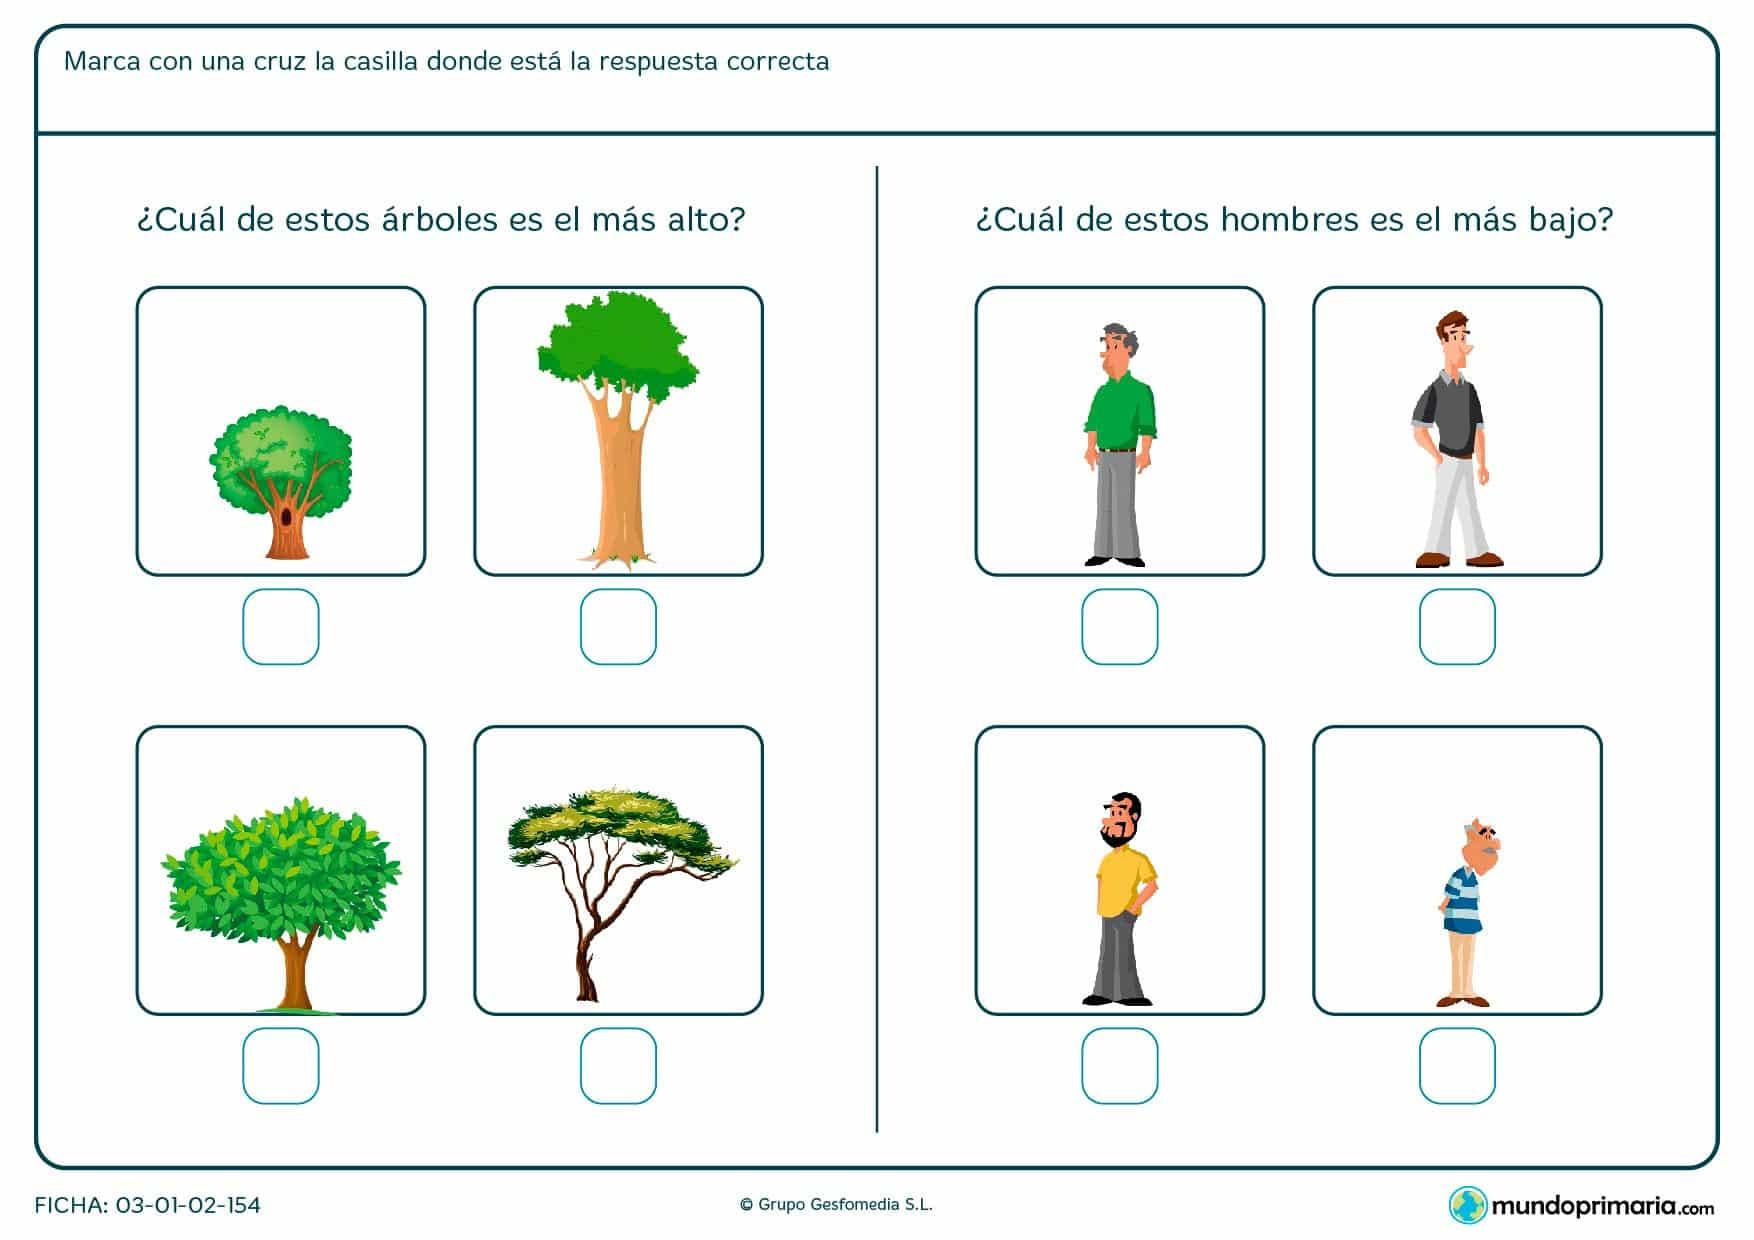 ¿Qué hombre es más bajo? ¿Qué arbol es el más alto? Presta atención a las imágenes y marca la casilla correcta.